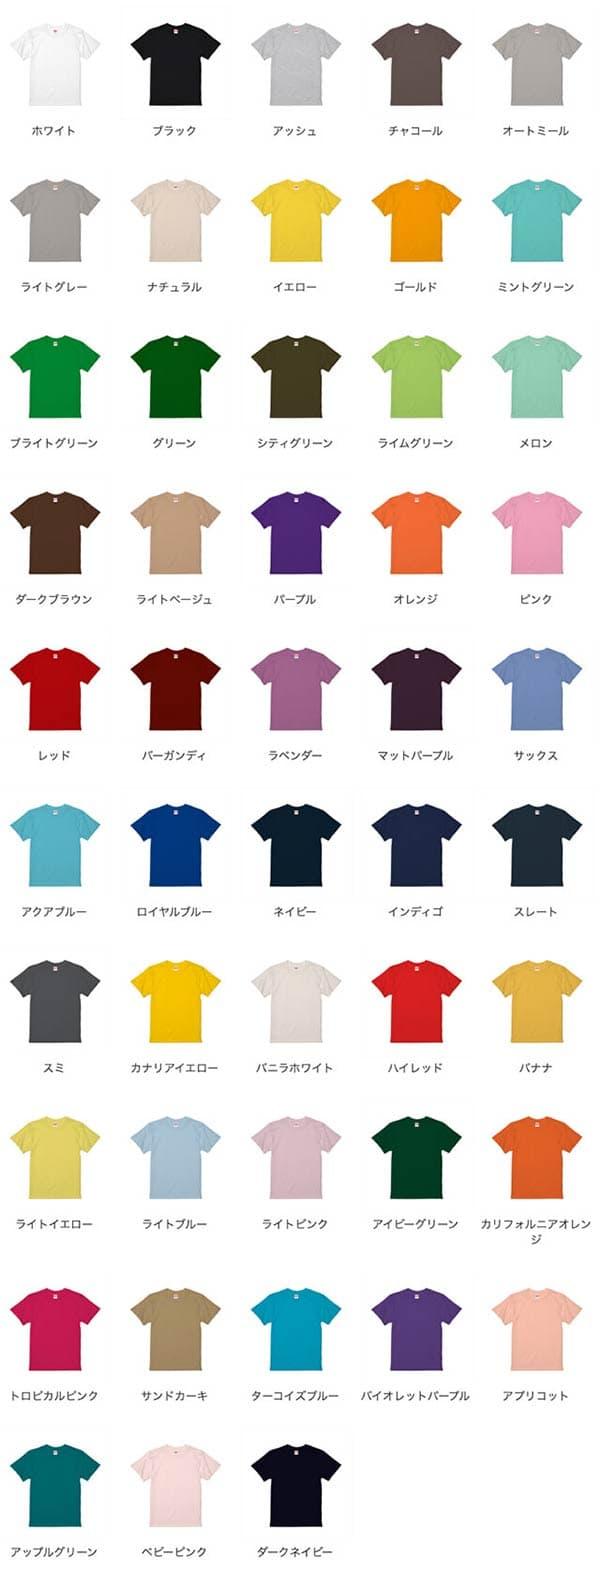 全48色の豊富なカラー展開